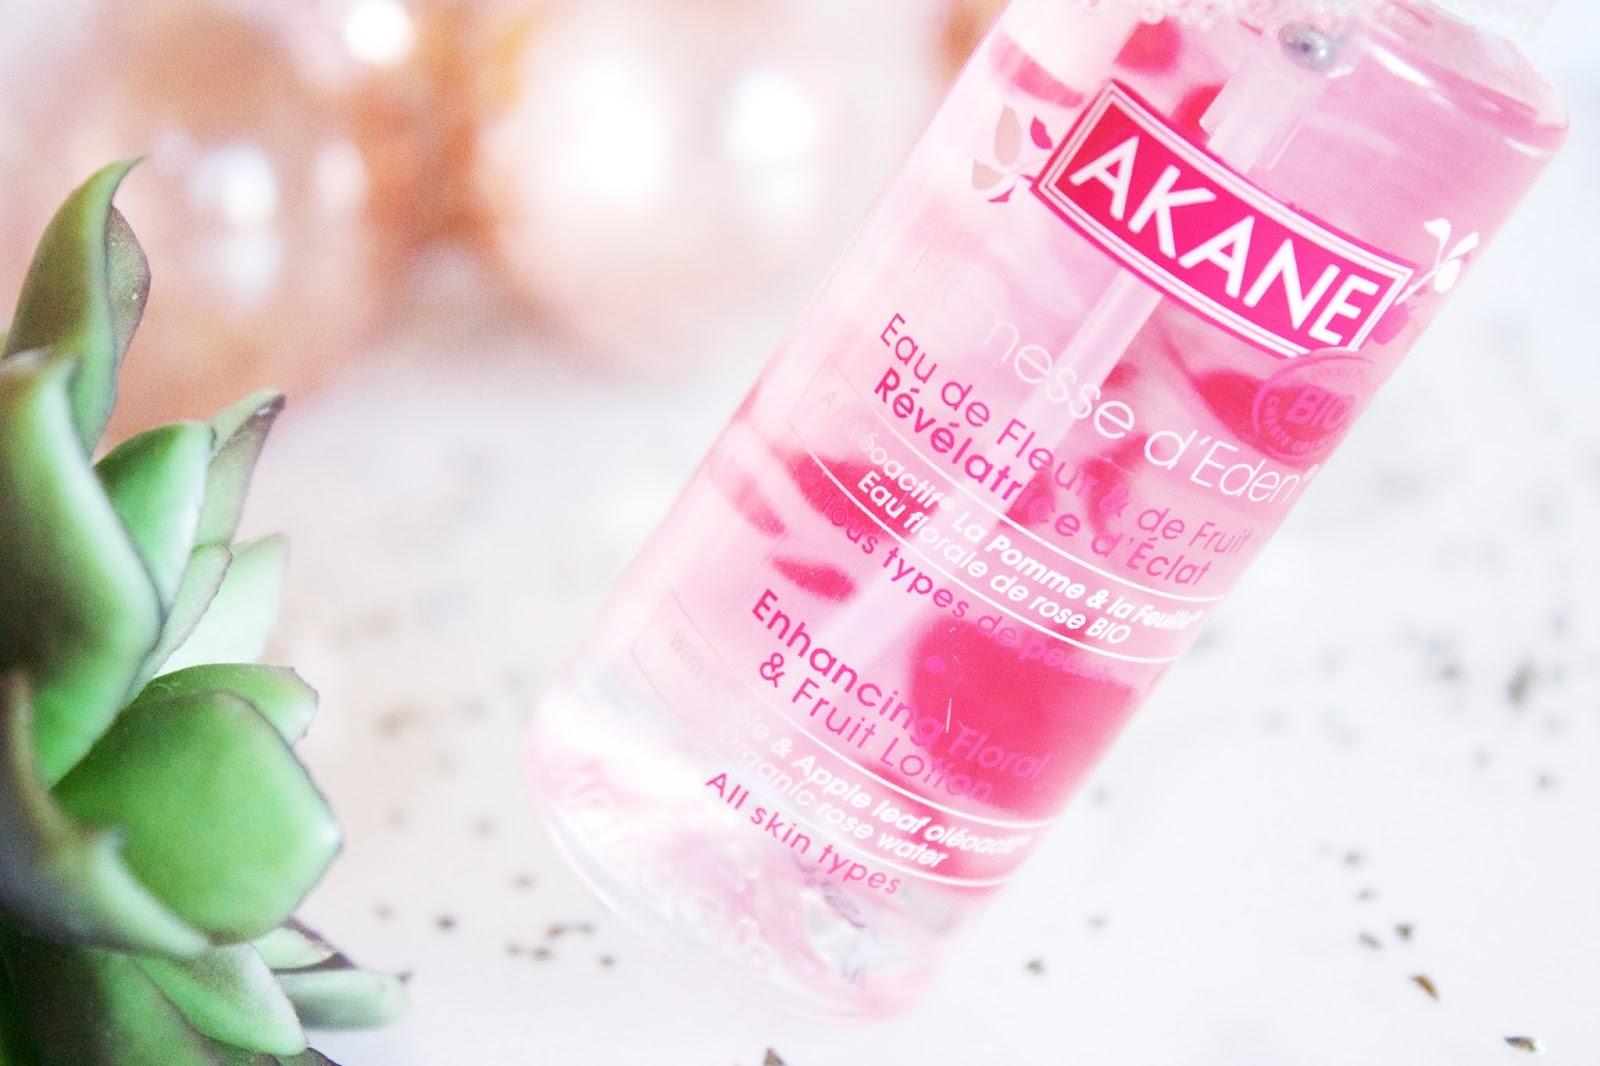 akane-eau-fleurs-fruits